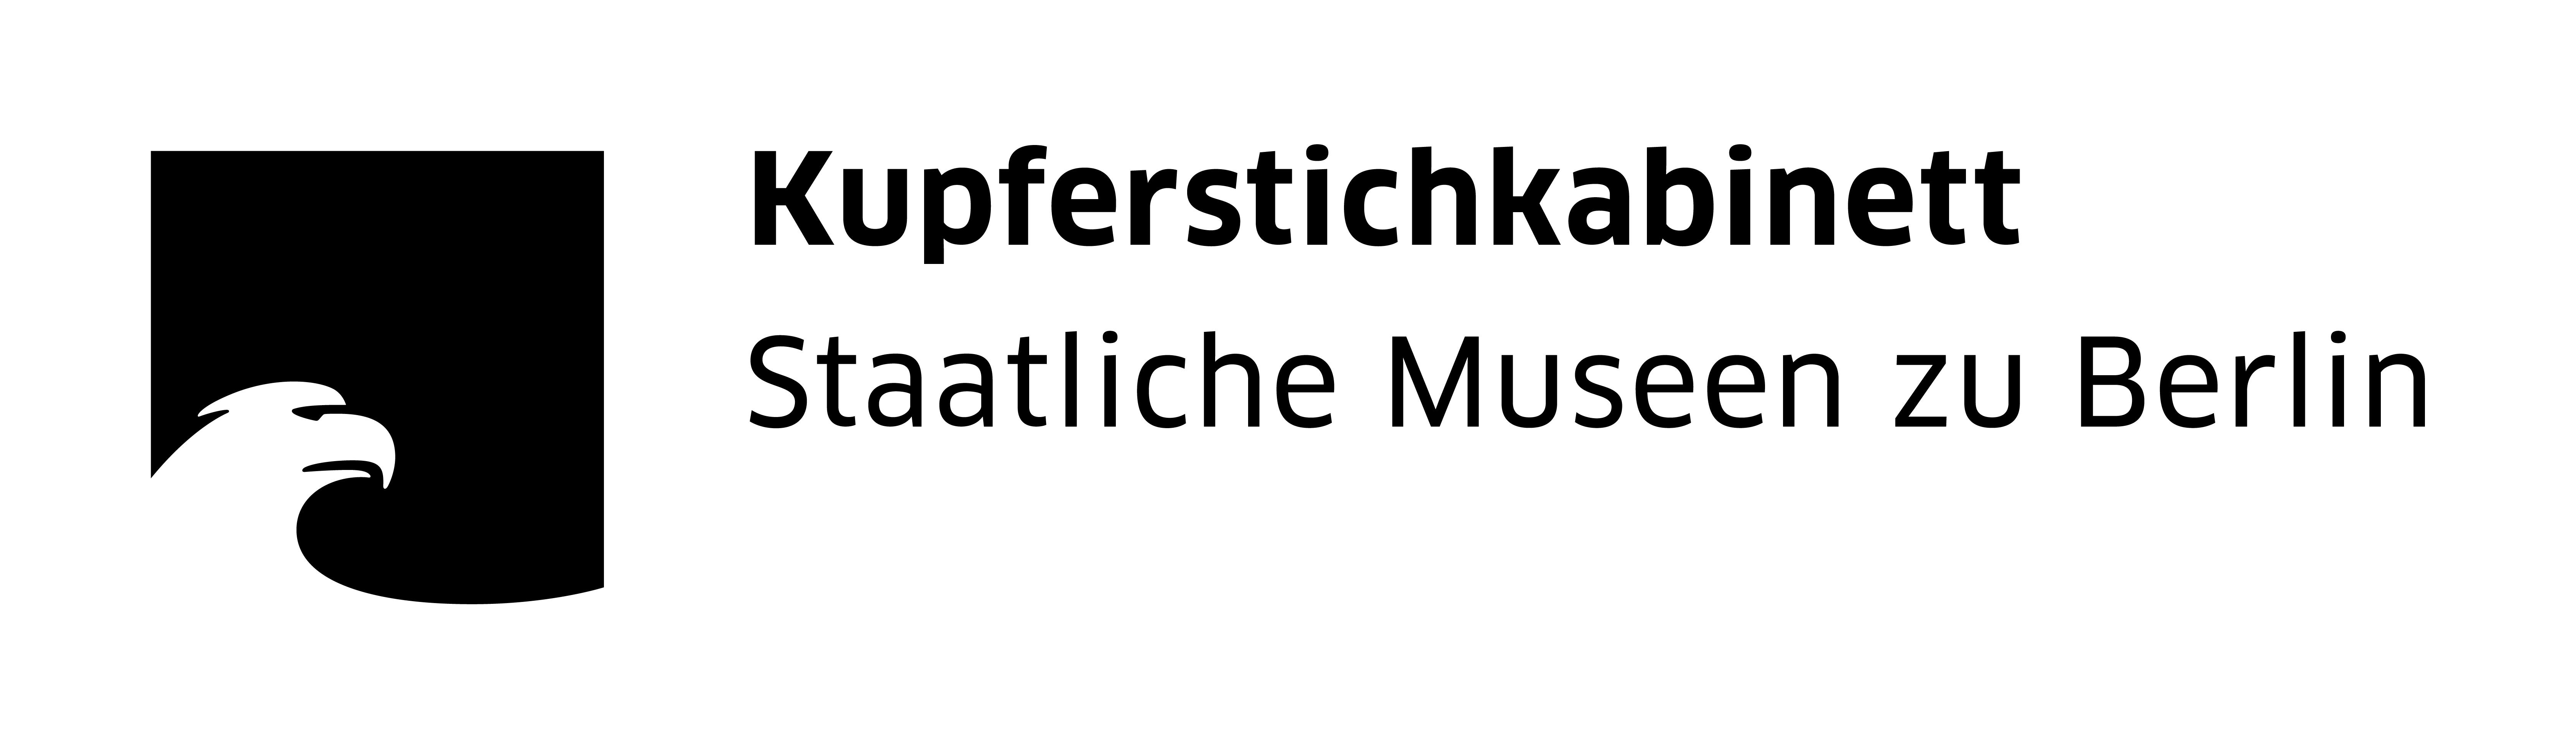 smb_kk_schwarz